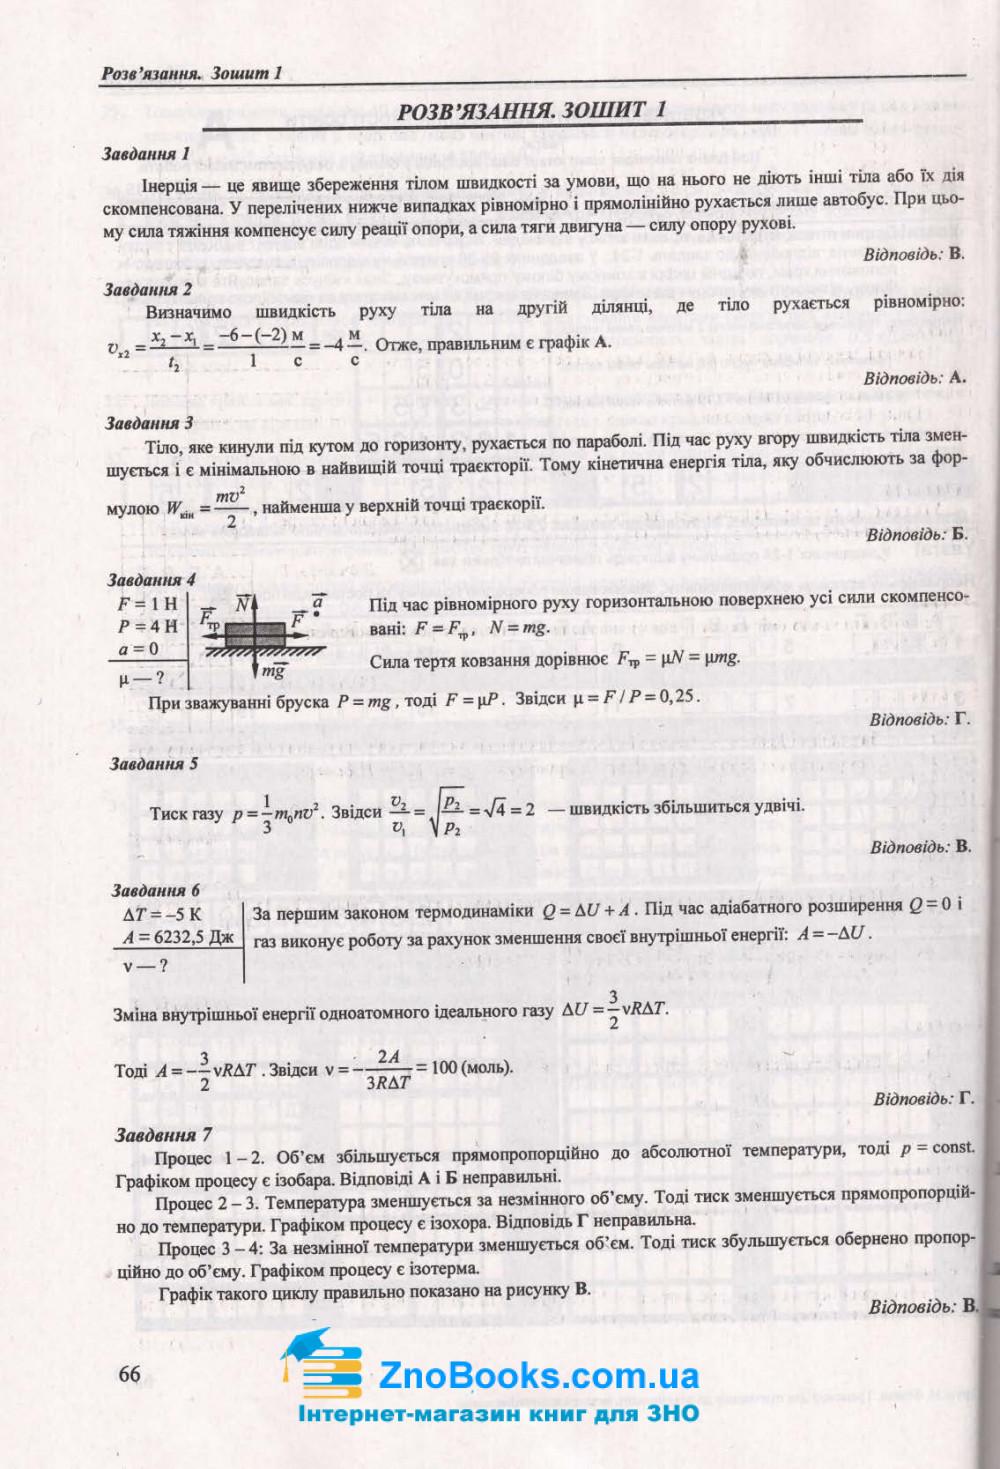 Фізика ЗНО 2021. Тренажер : Струж Н. Підручники і посібники. купити 9